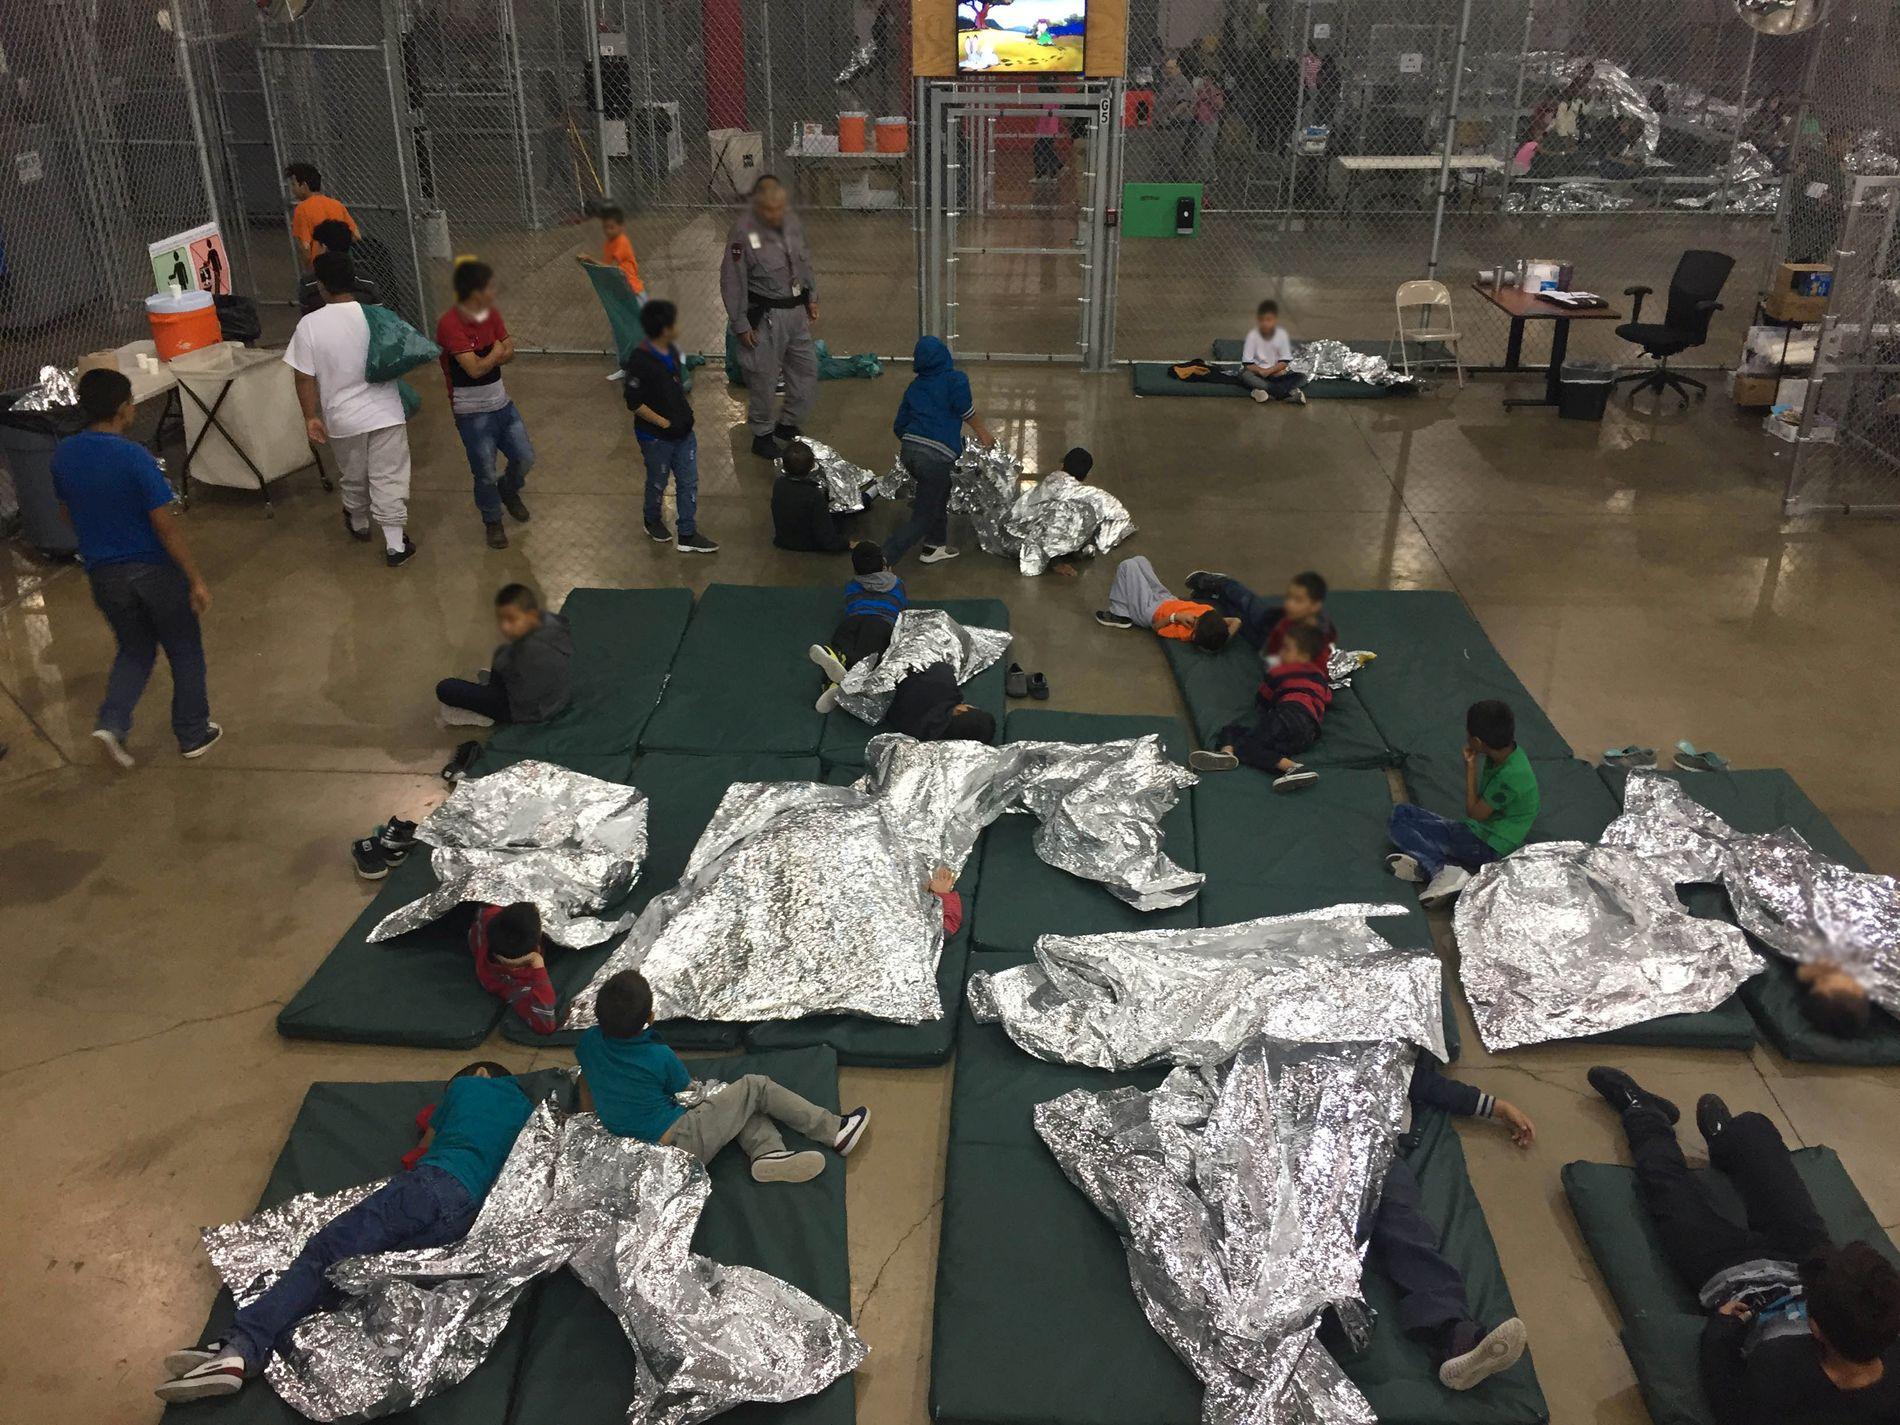 UVERDIGE FORHOLD: Bildet er tatt i forrige uke, i Rio Grande Valley Centralized Processing Center i Rio Grande City, Texas. «Interneringen av barn og unge er et grovt menneskerettighetsbrudd. Verdenssamfunnet, inkludert den norske regjeringen, bør reagere tydelig», mener BT.